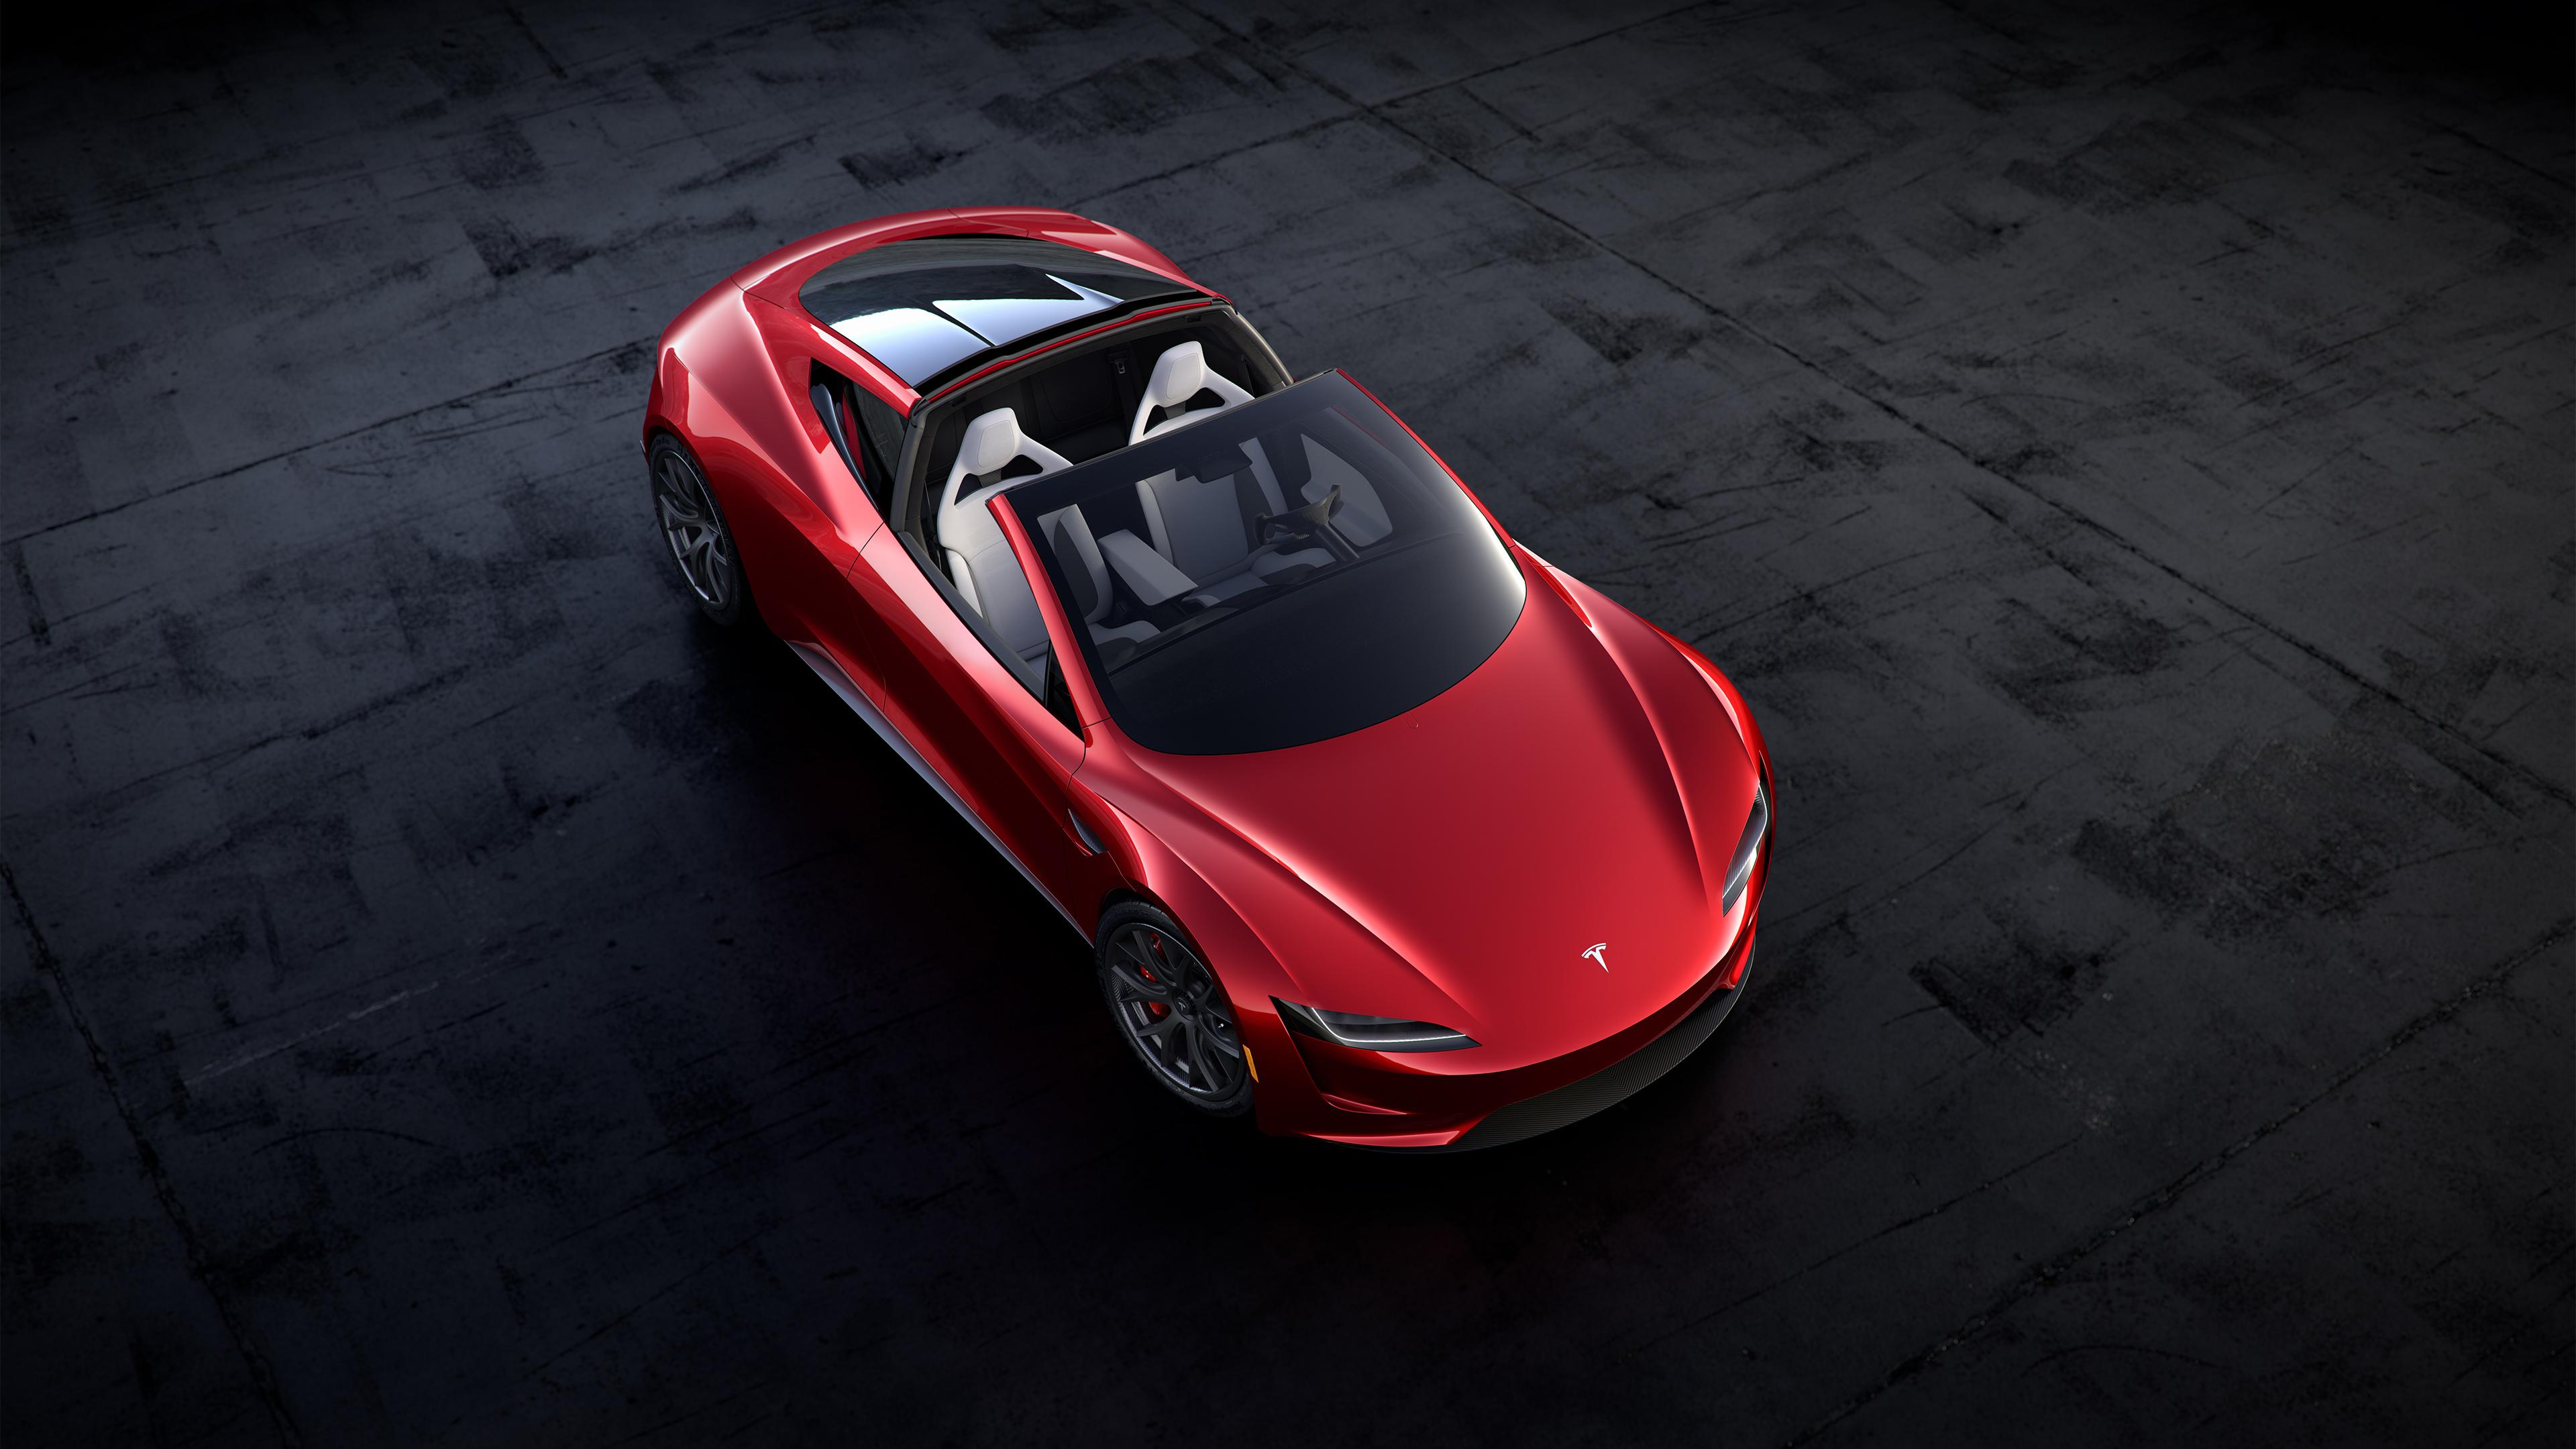 2020 tesla roadster 4k wallpaper | hd car wallpapers | id #9108